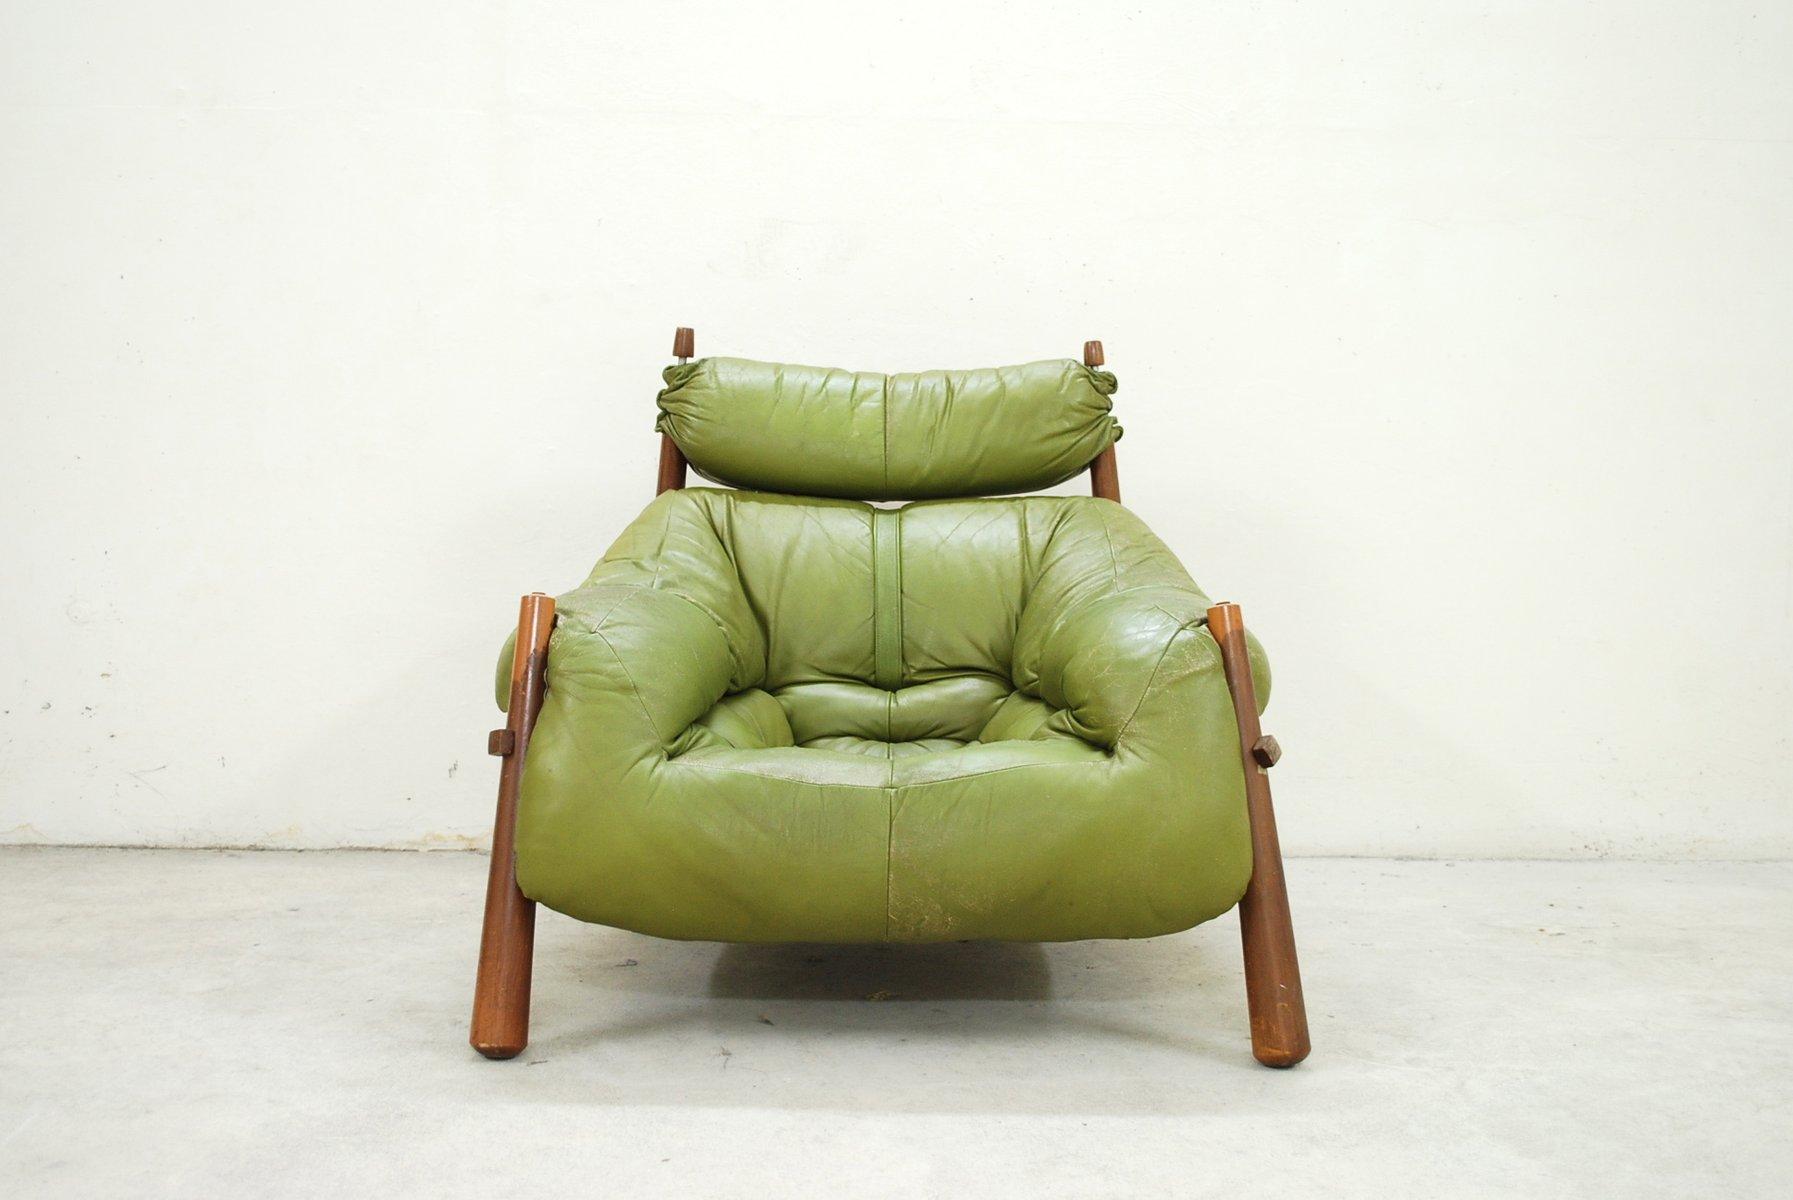 gr ner vintage sessel von percival lafer 1958 bei pamono. Black Bedroom Furniture Sets. Home Design Ideas